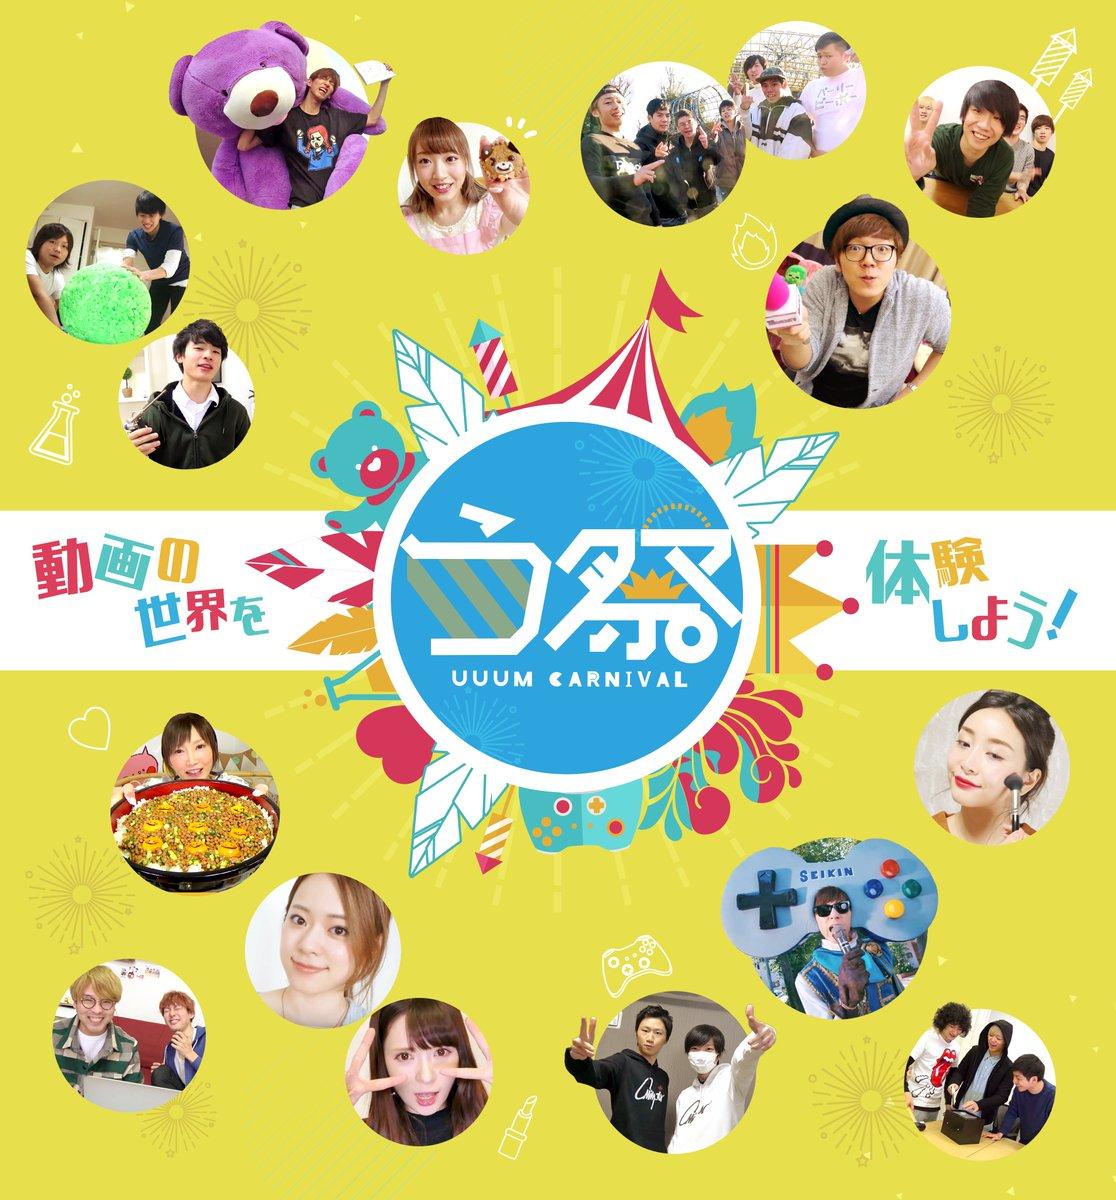 「う祭 ~UUUM CARNIVAL~ 2017春」が2017年4月8日、9日開催決定! オフィシャ…